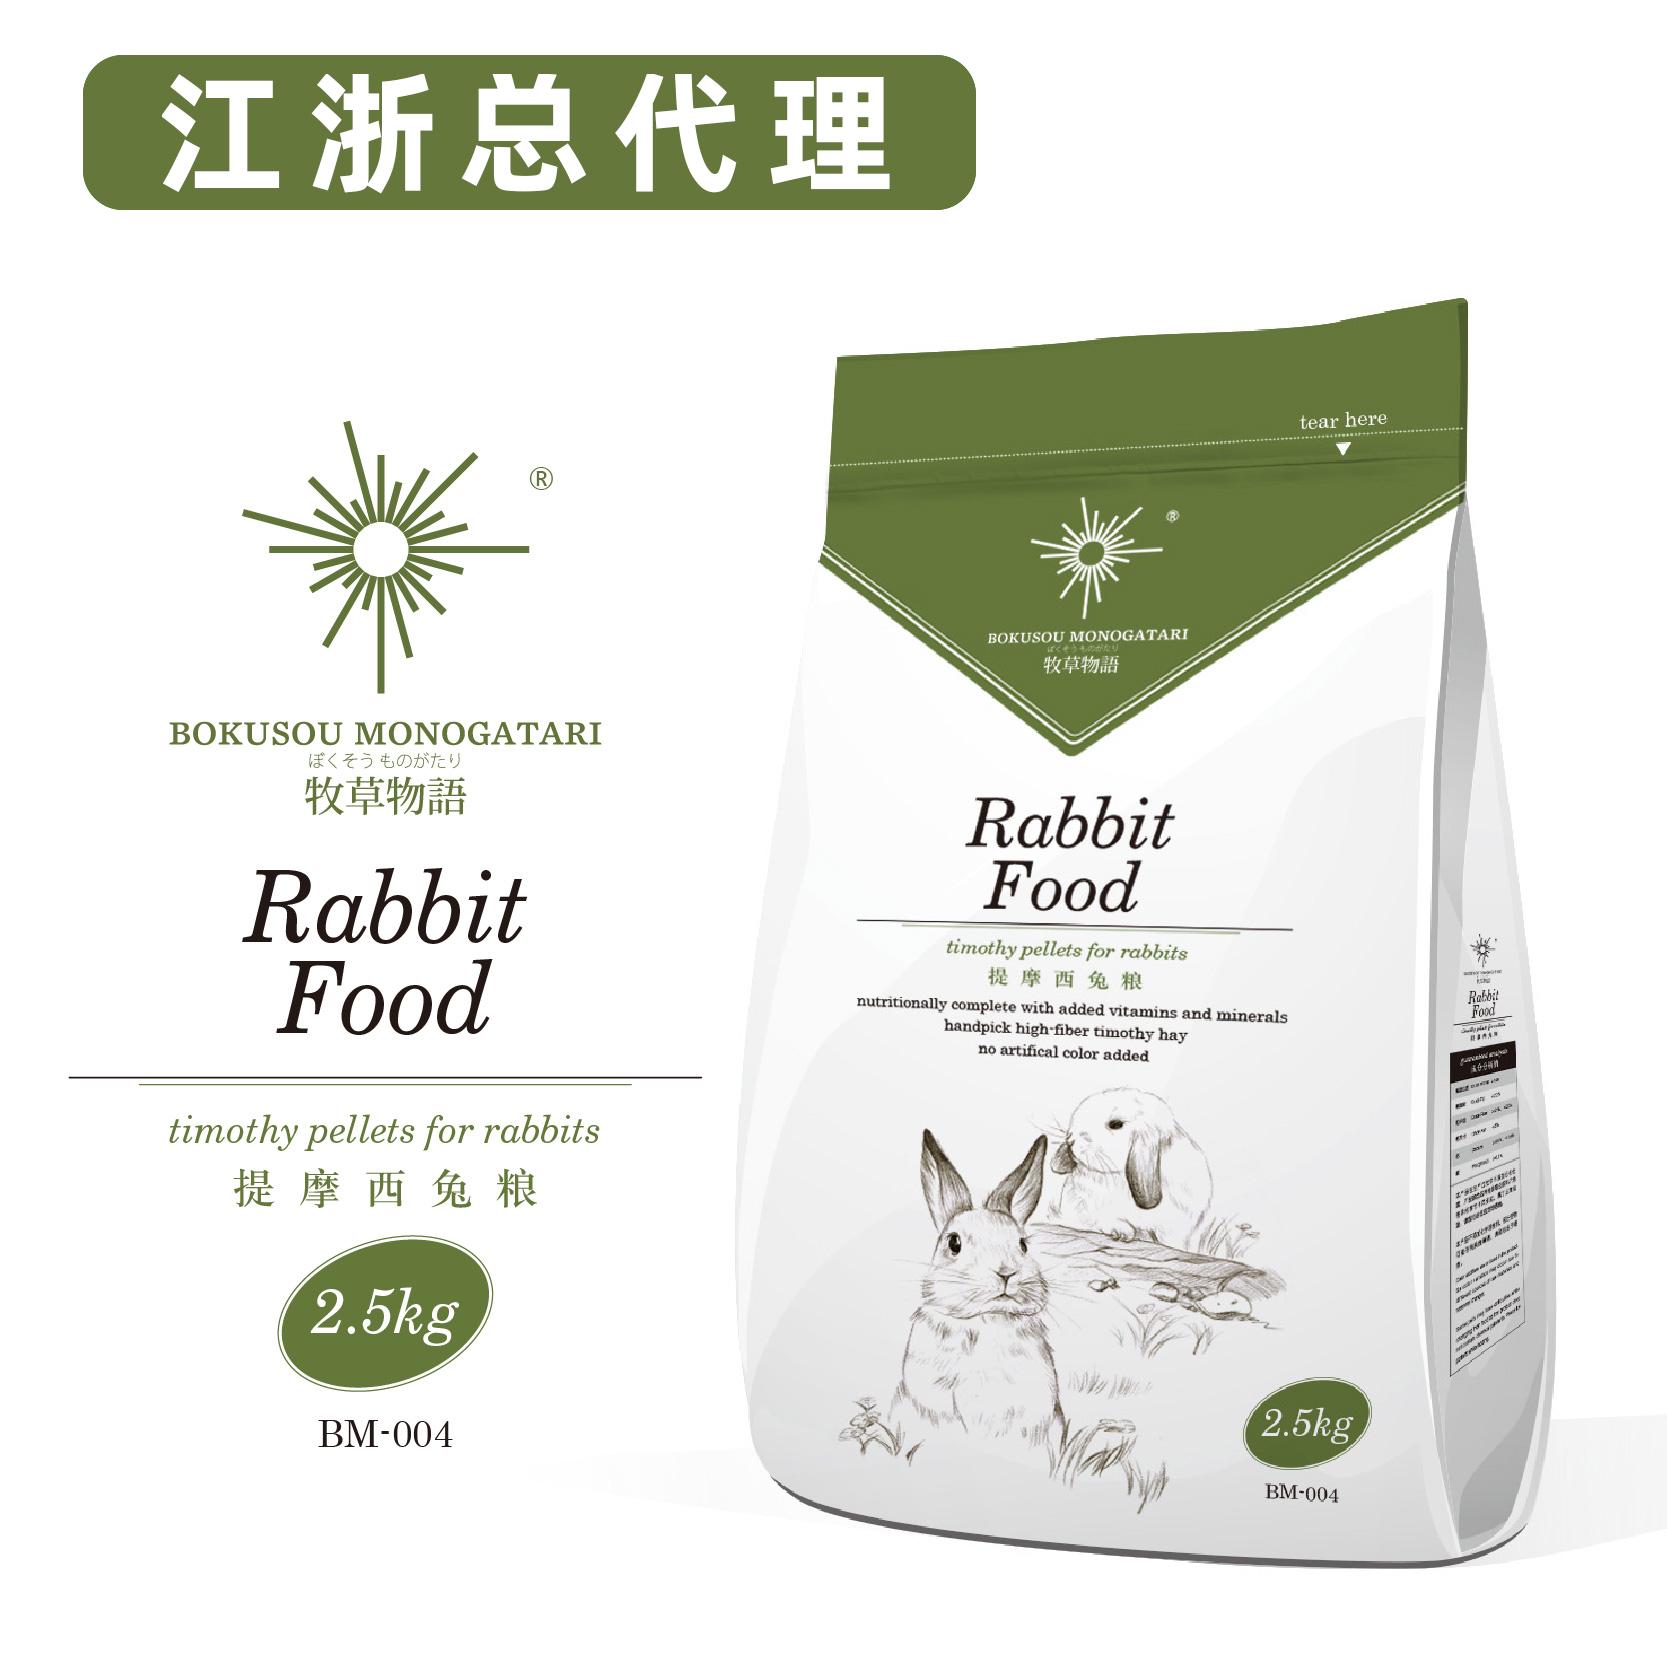 包邮 牧草物语天然提摩西兔粮粮食兔子主粮饲料2.5kg成幼兔粮食牧